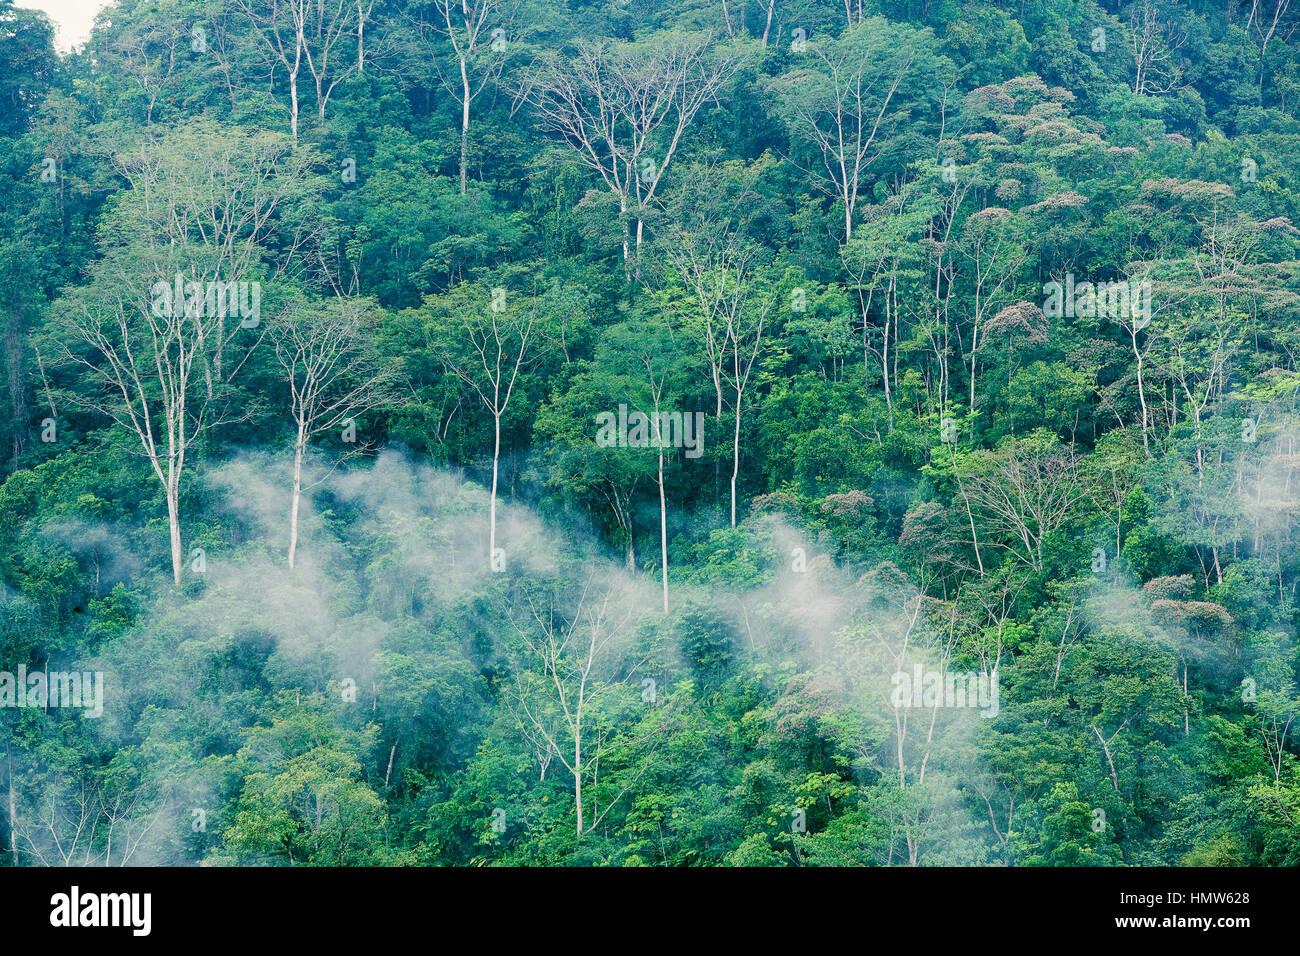 Bosque lluvioso con niebla, el Parque Nacional Corcovado, Costa Rica Imagen De Stock